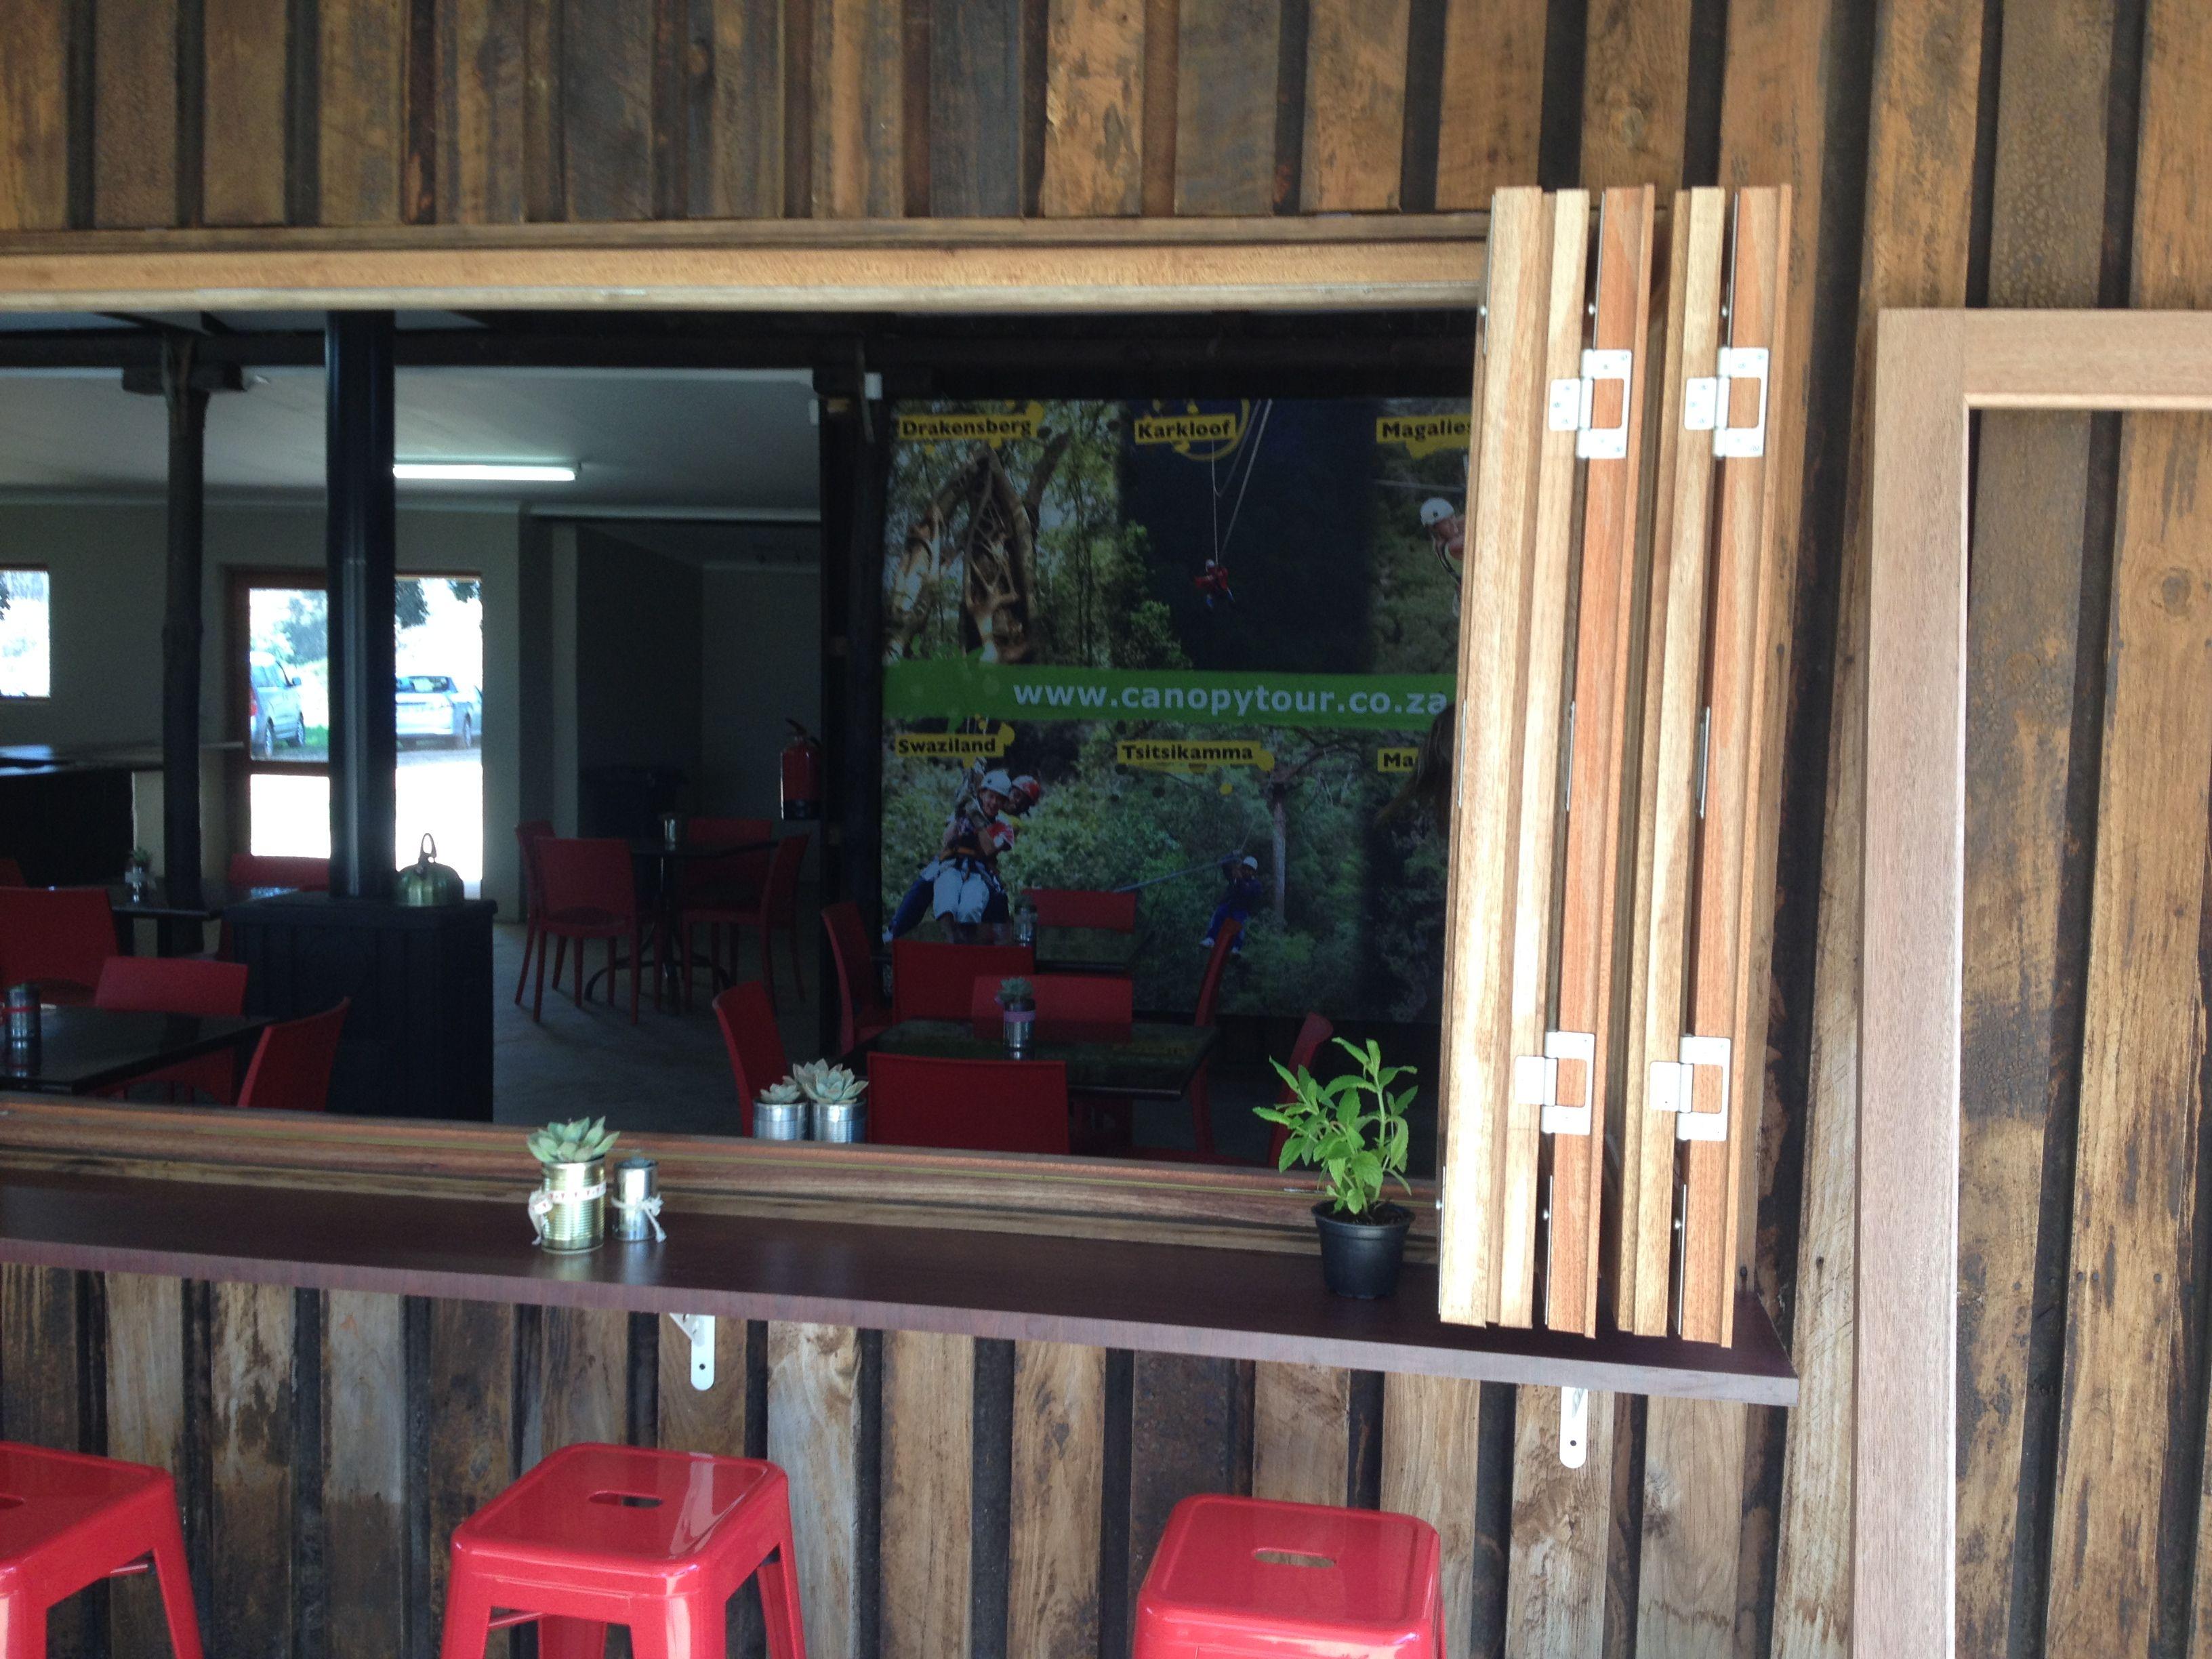 Folding windows in coffee shop folding doors cape town for Folding window